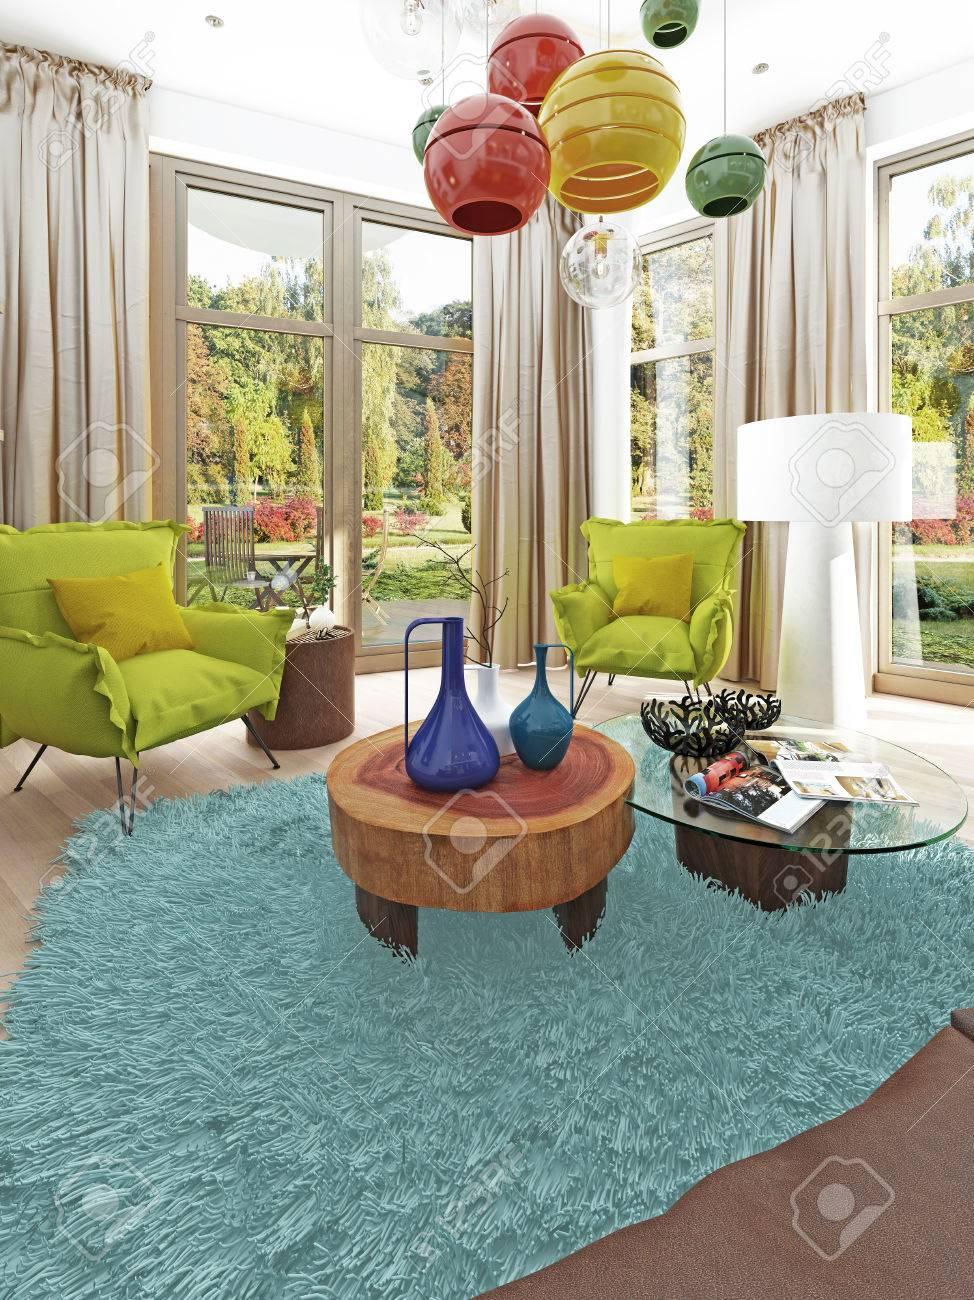 Fesselnde Moderne Sitzecke Sammlung Von Wohnzimmer Mit Mit Zwei Stühlen. Bequeme Stühle